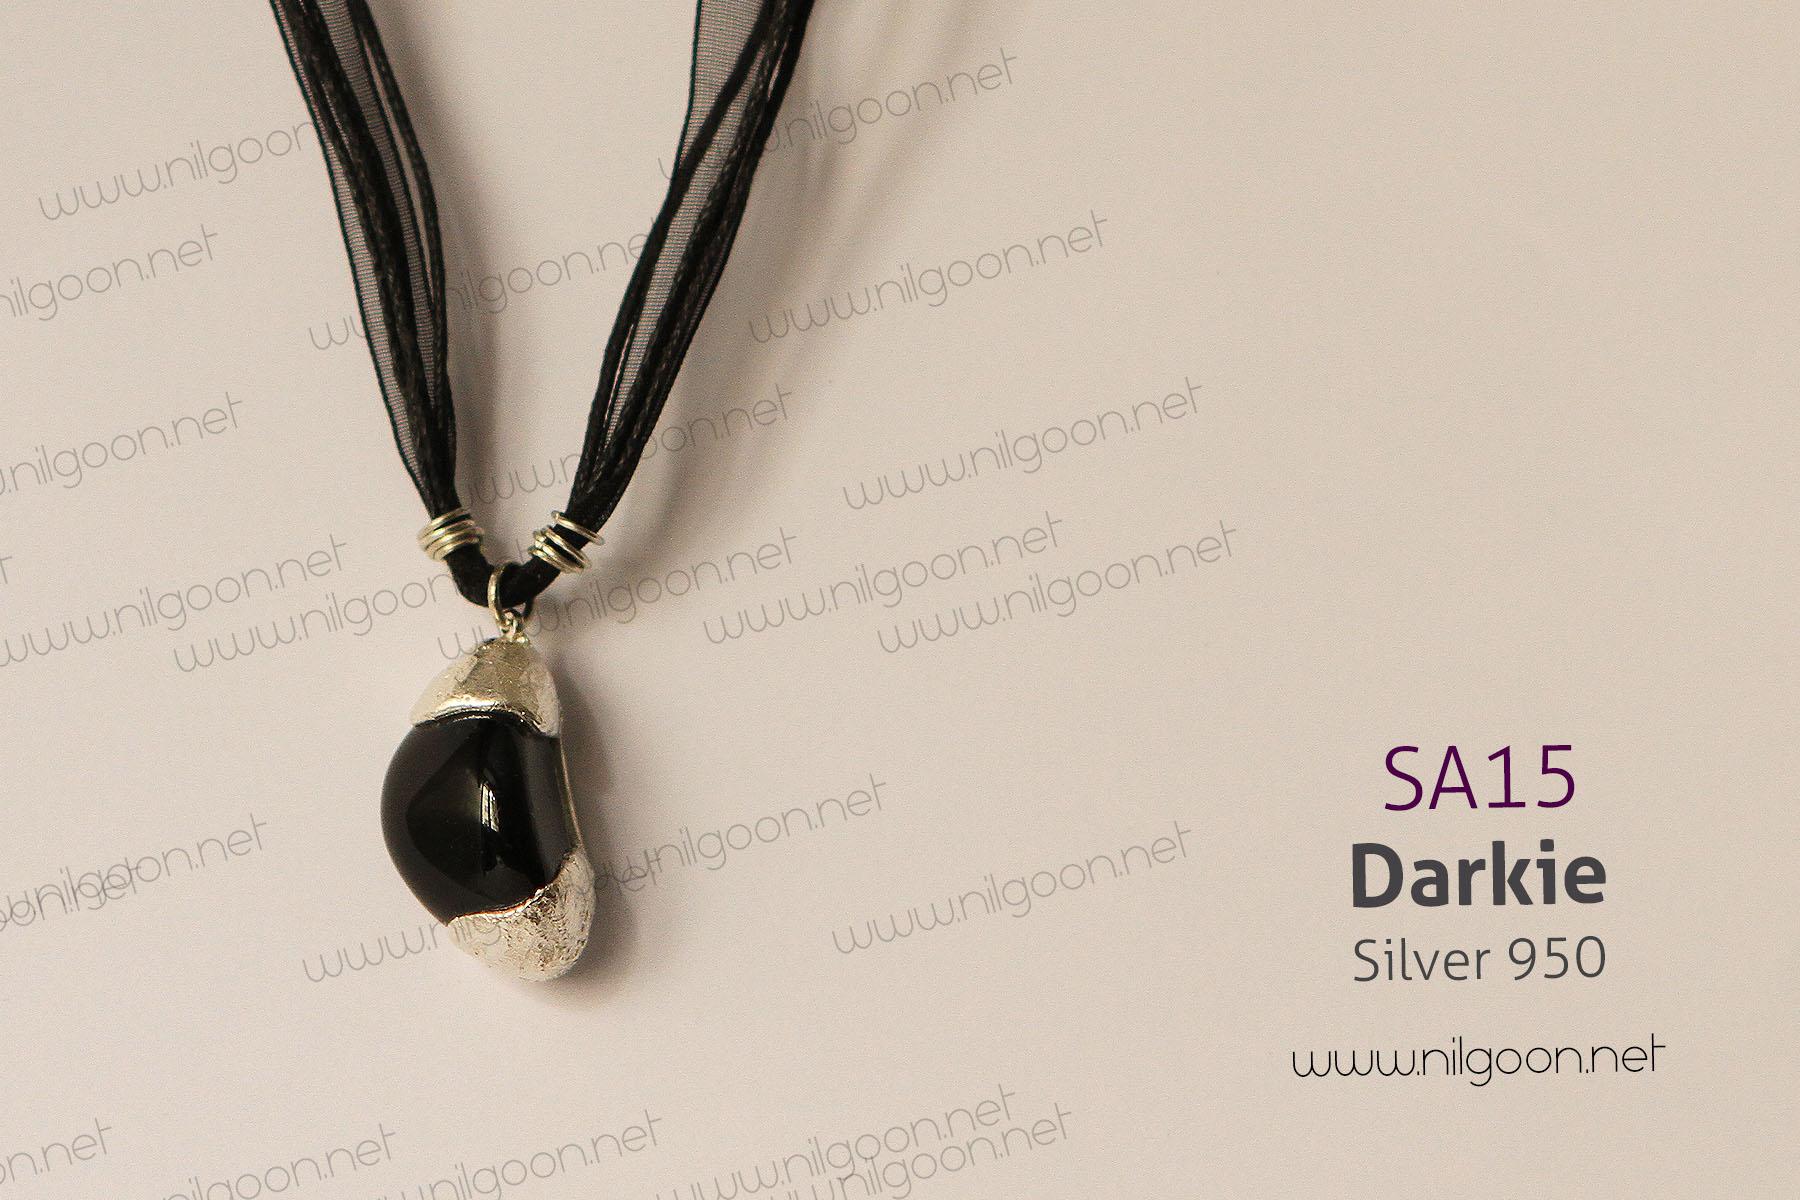 آویز نقره | Darkie